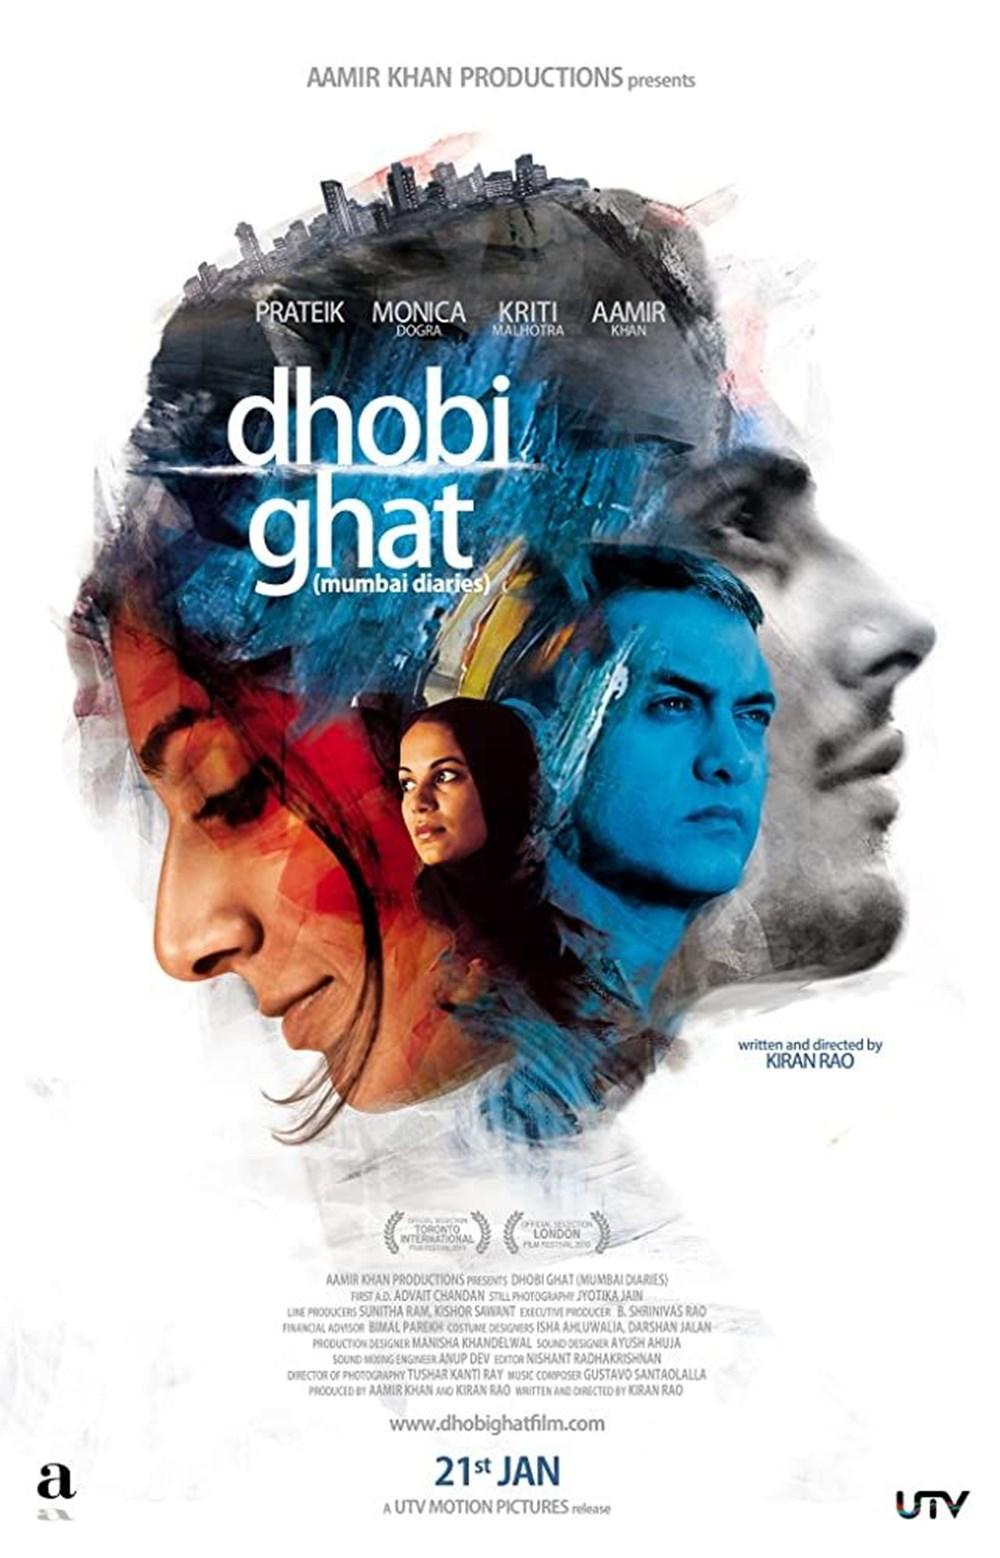 En iyi Aamir Khan filmleri (Aamir Khan'ın izlenmesi gereken filmleri) - 10